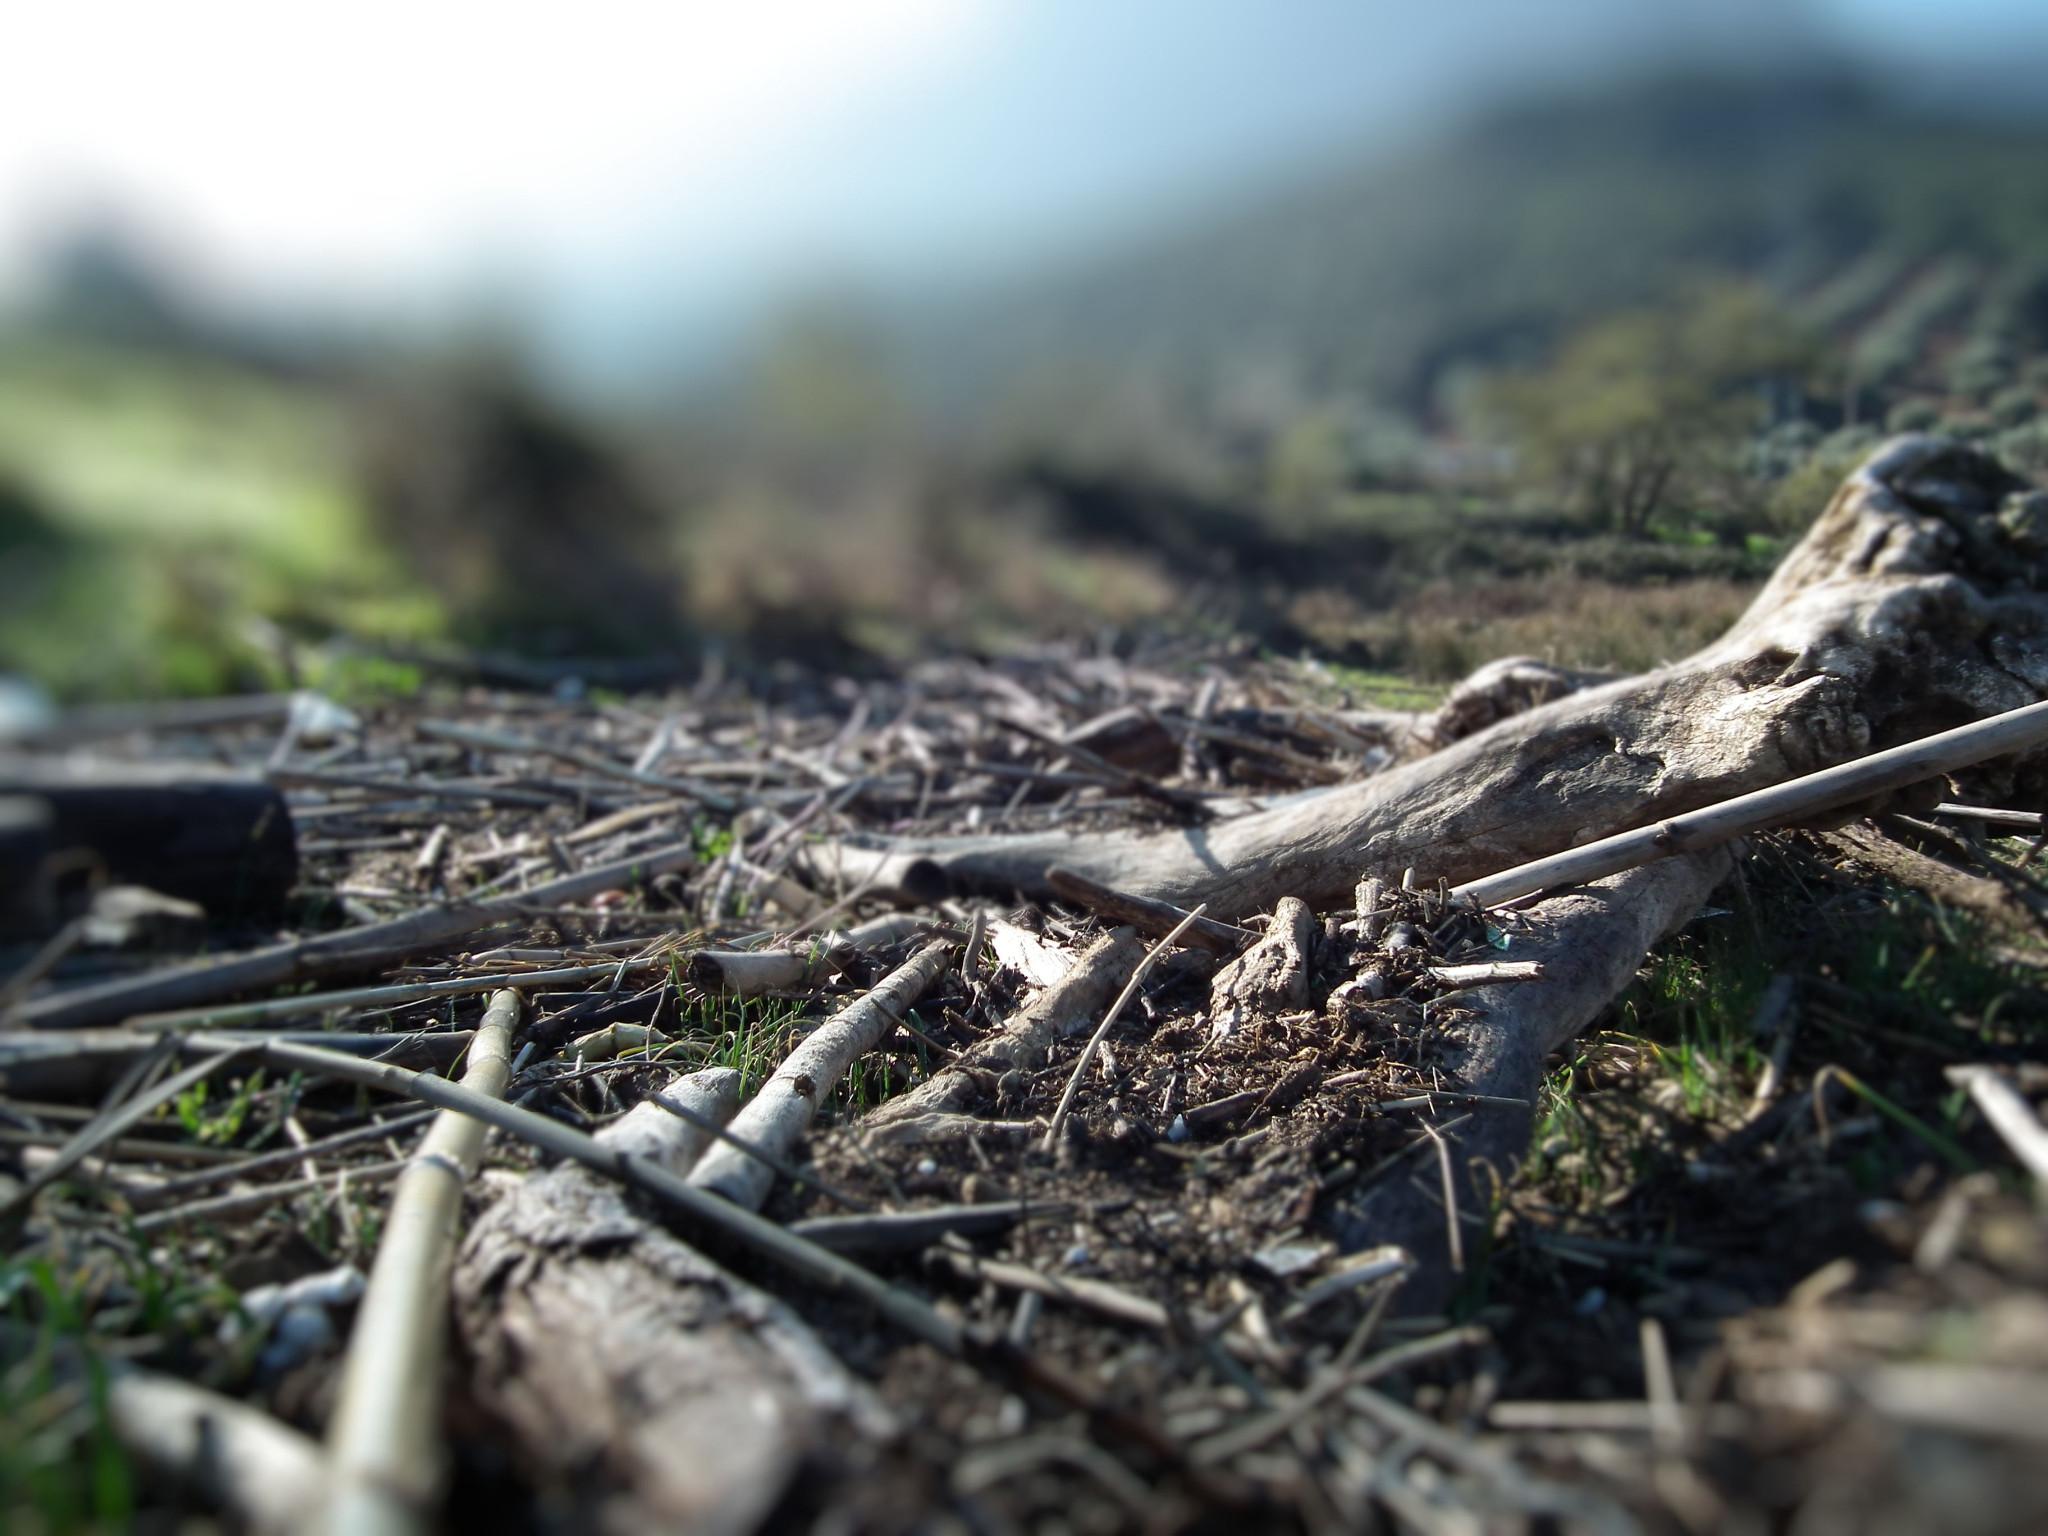 Photo: Pantana